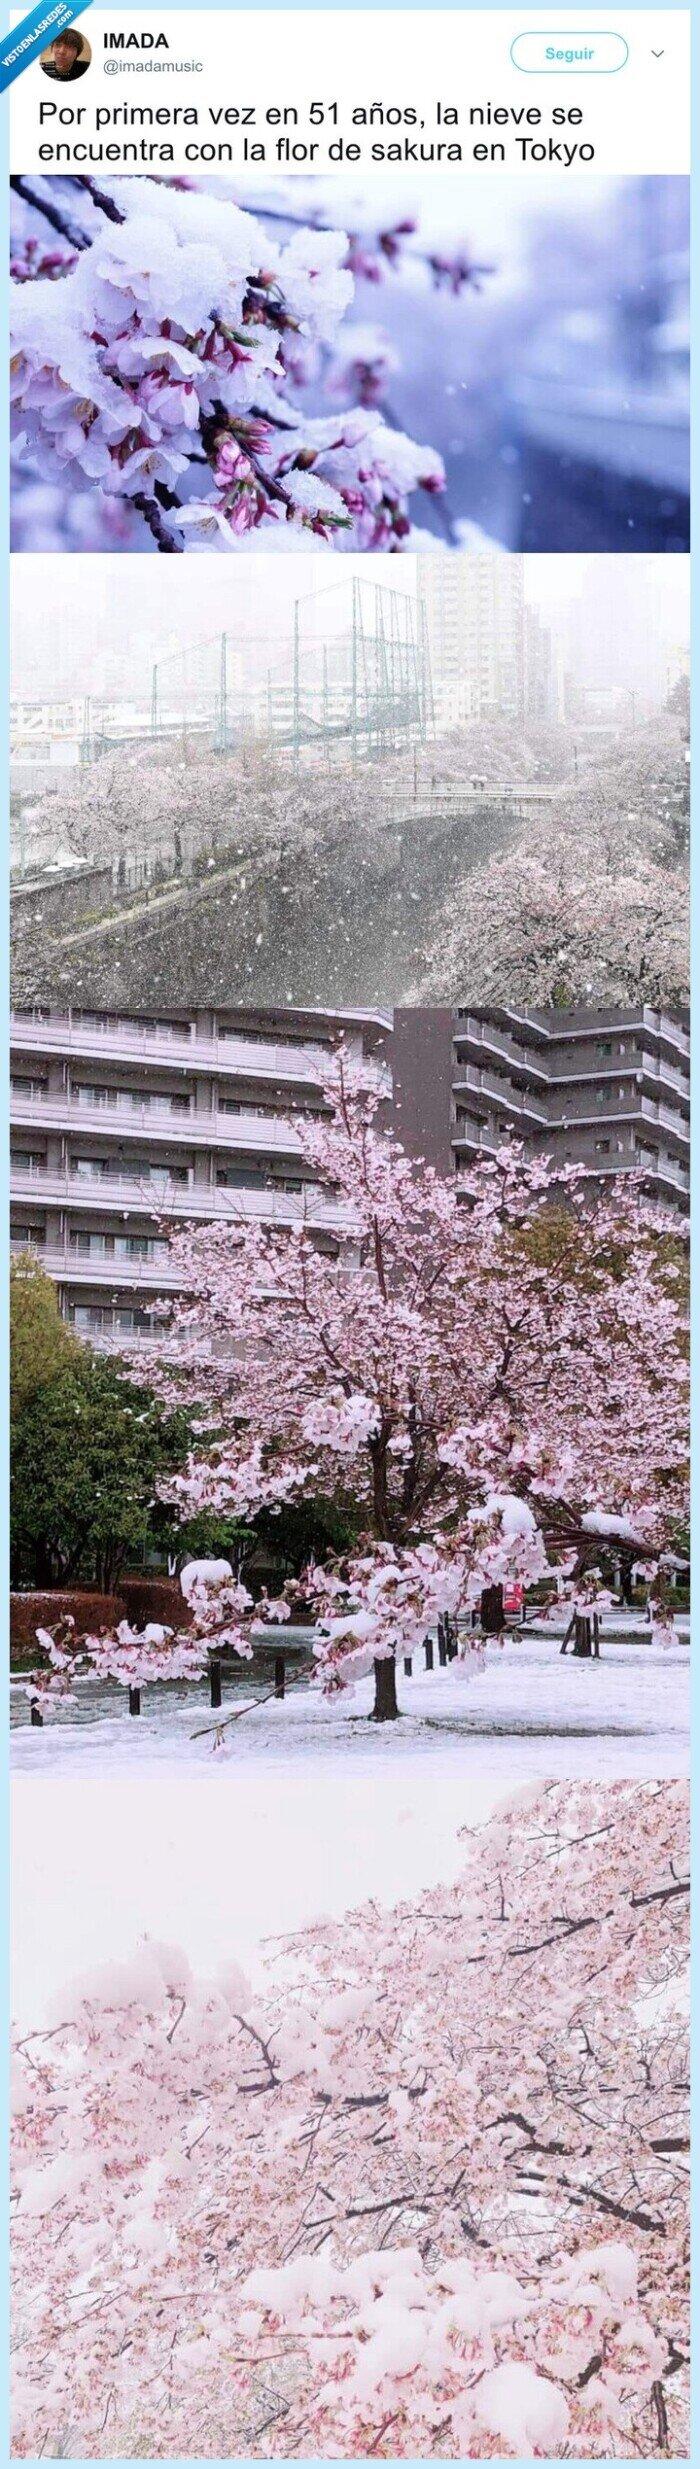 flor de cerezo,japón,nieve,sakura